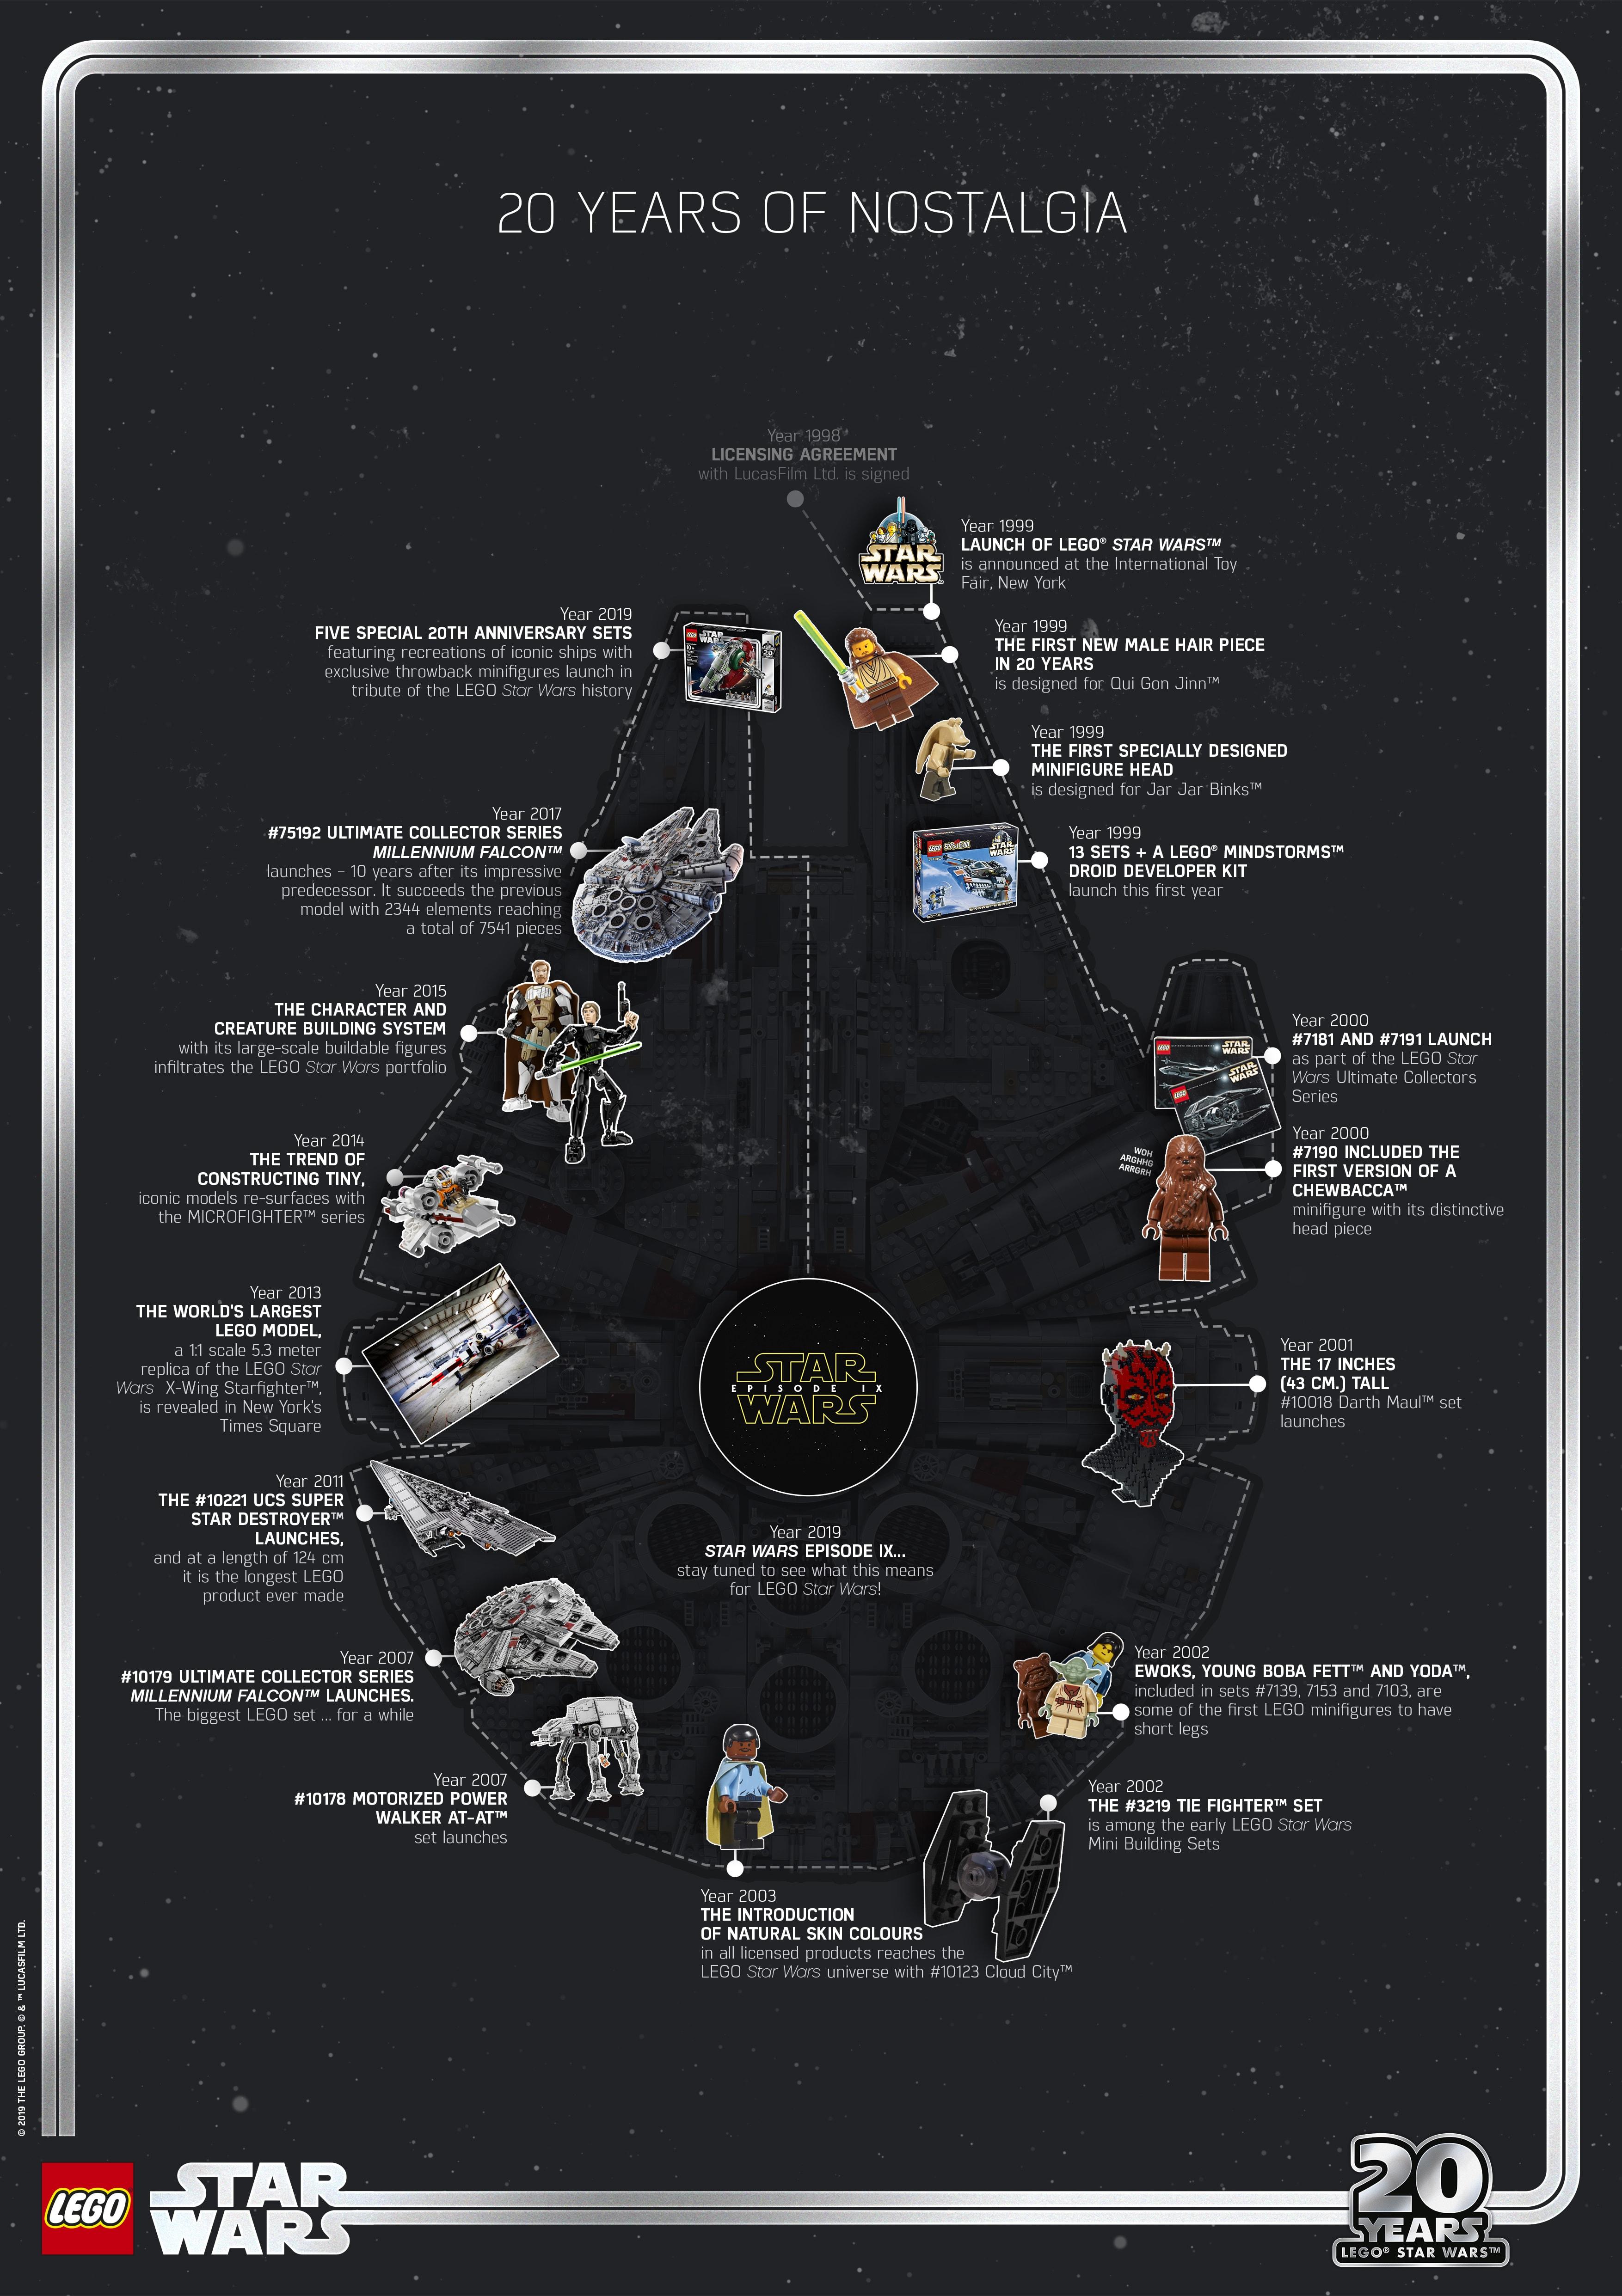 Star Wars LEGO 20 Year Timeline